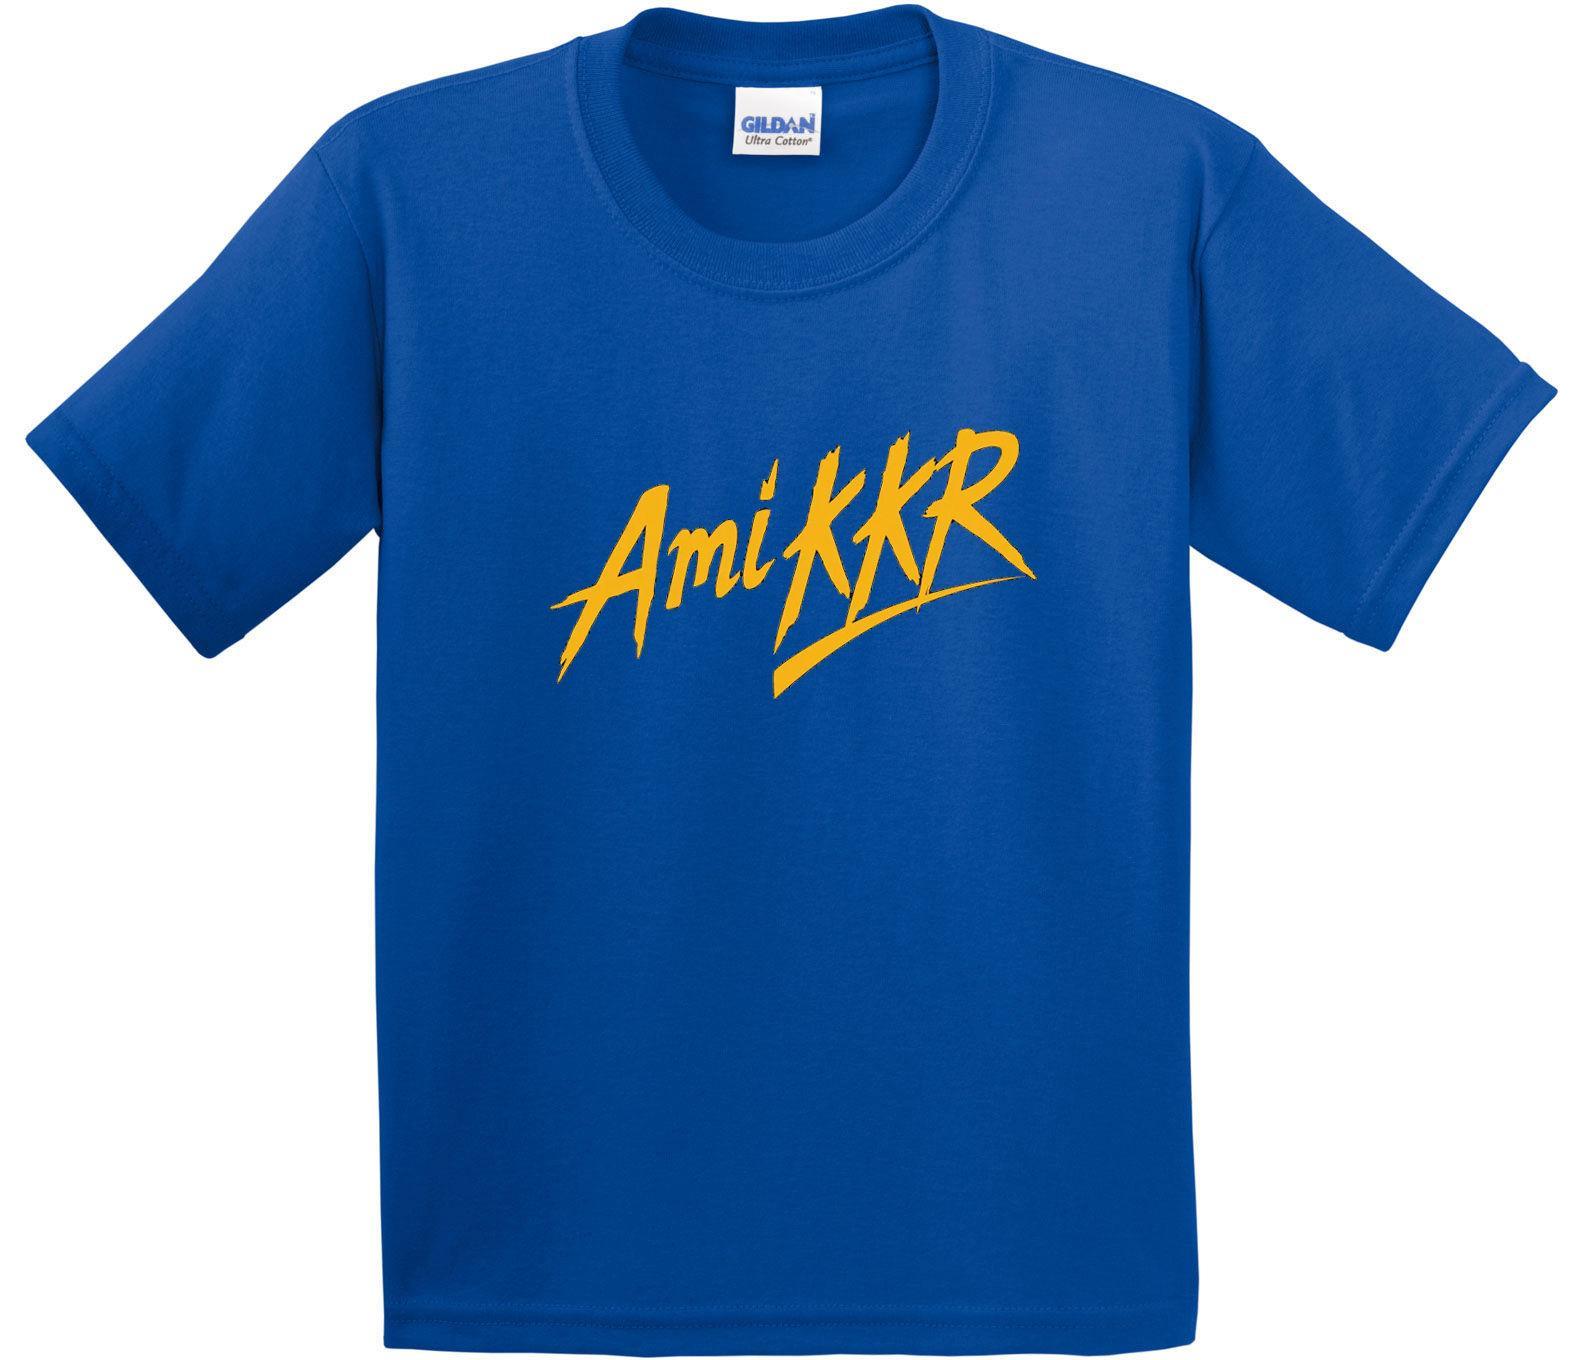 Kaos / T-Shirt Lengan Pendek Ami KKR